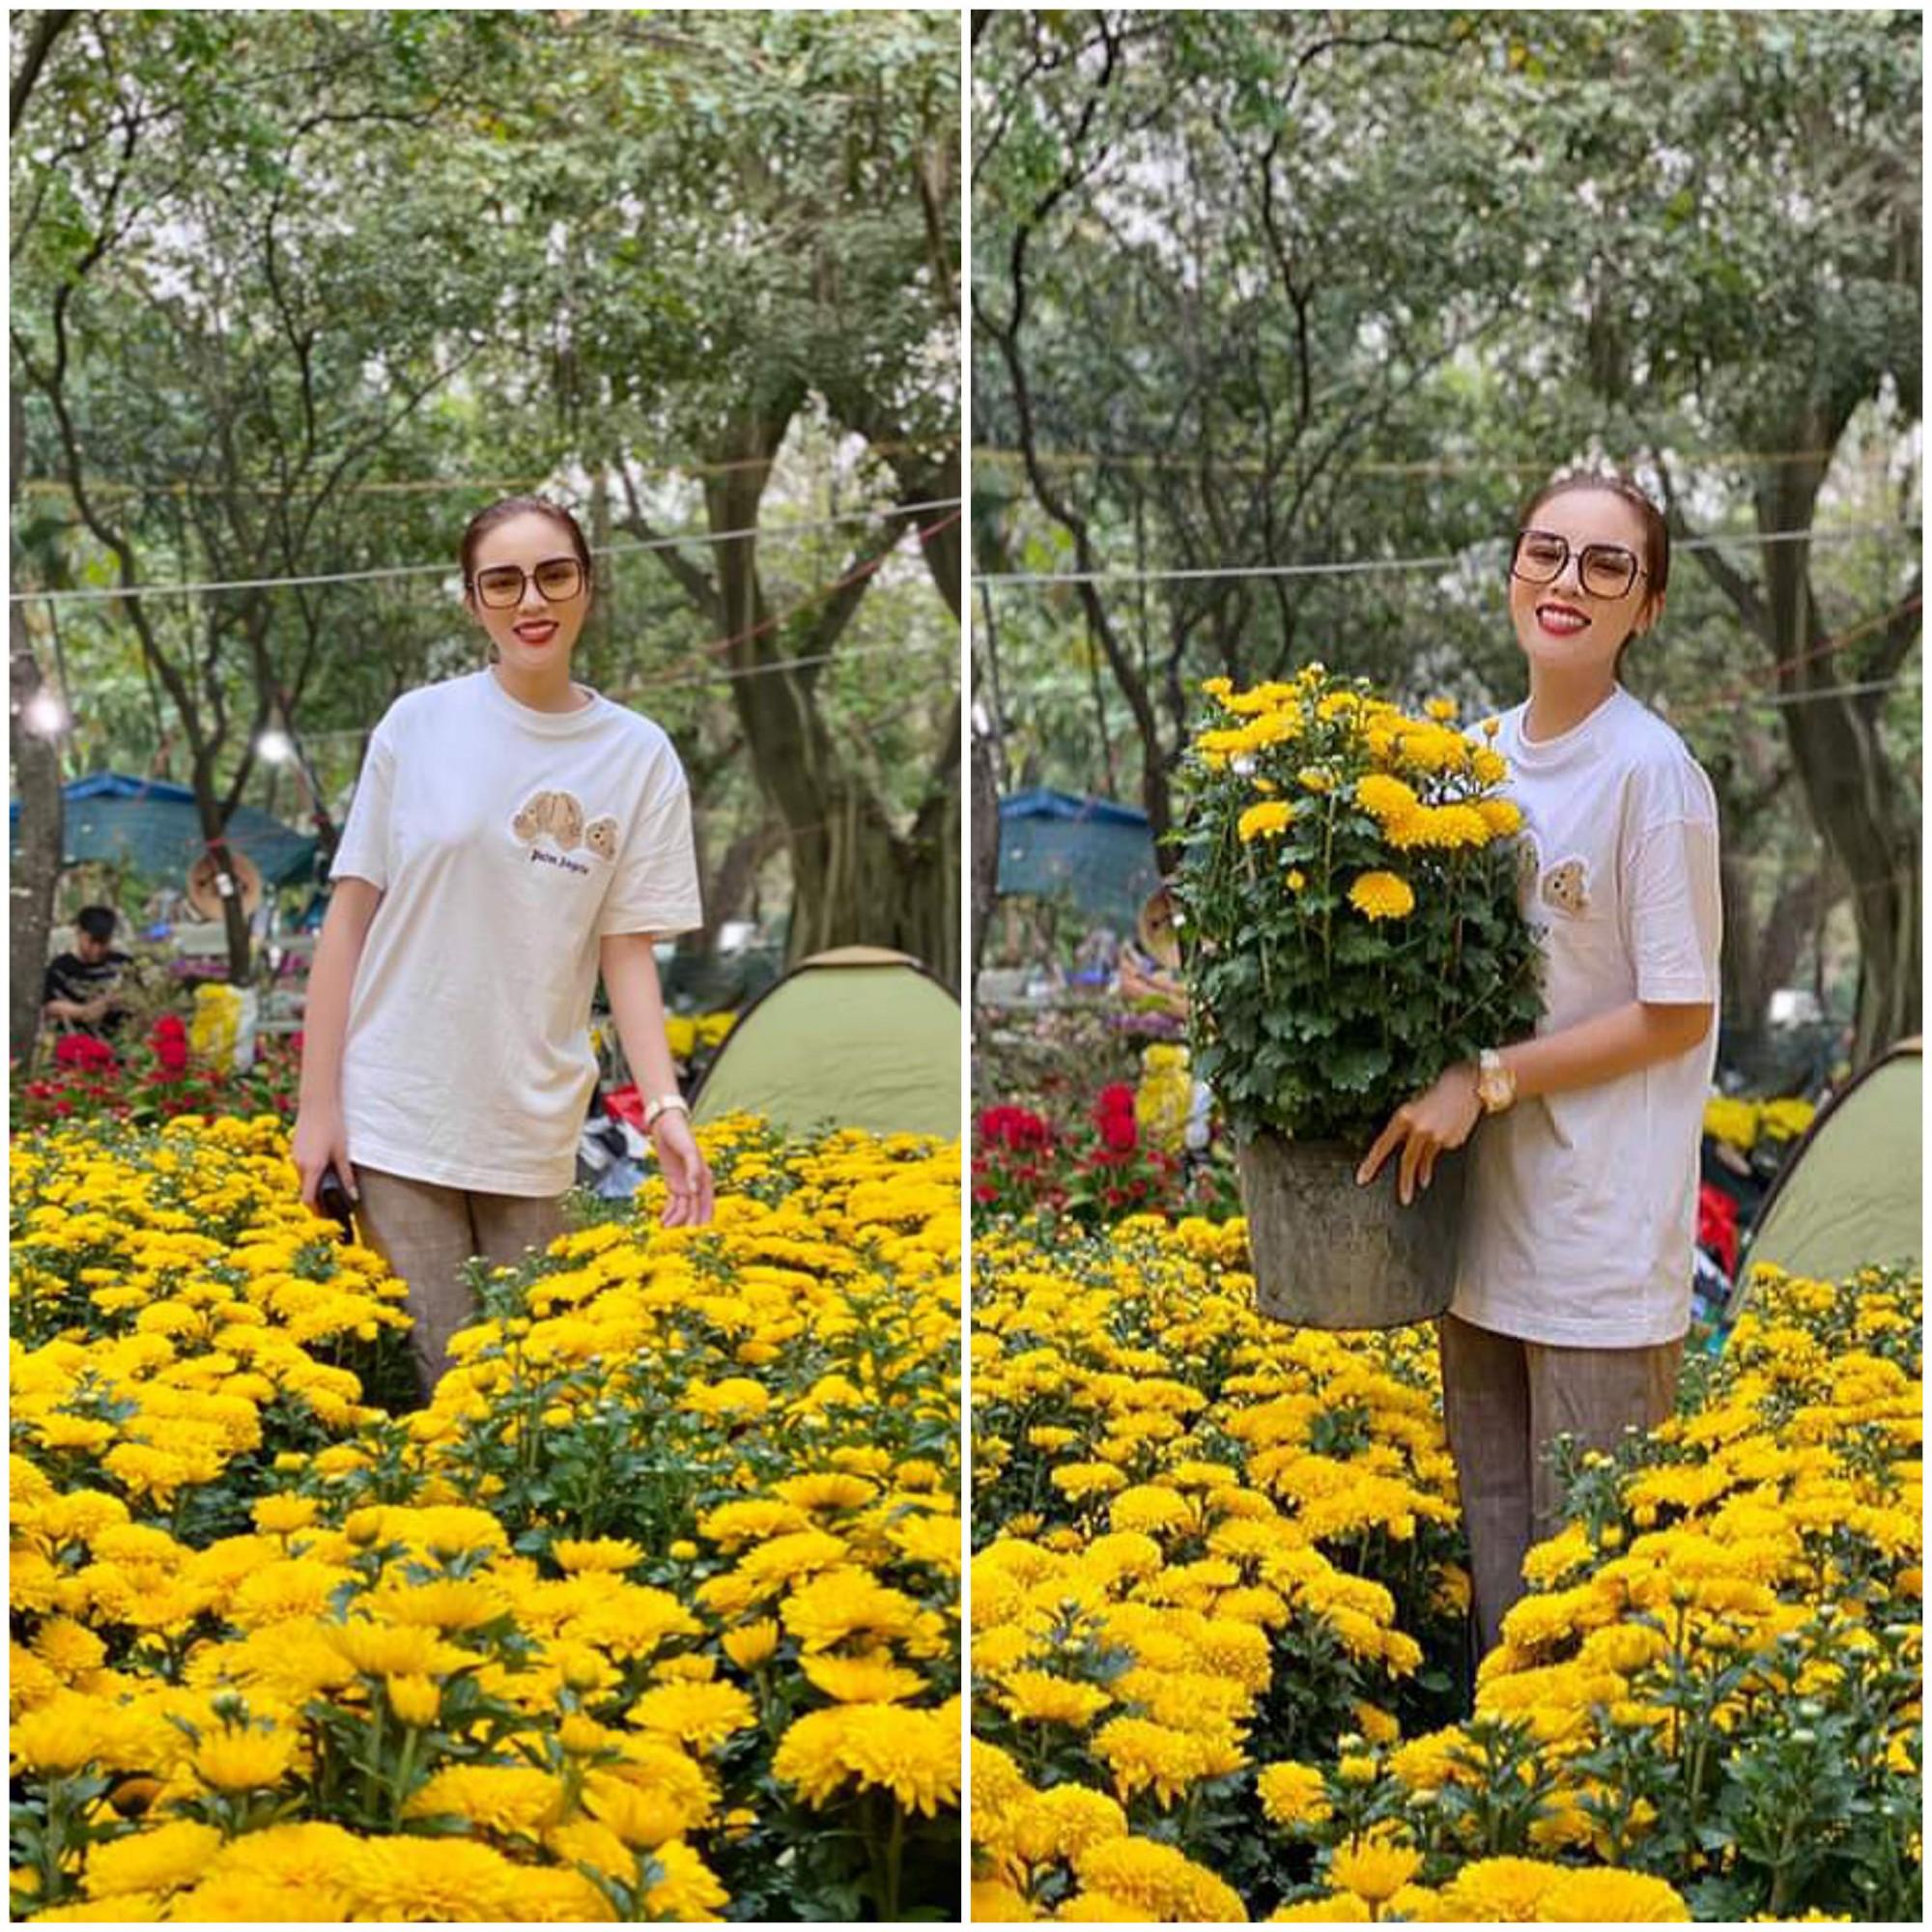 Như thường lệ, năm nay hoa hậu Kỳ Duyên tiếp tục dành trọn thời gian Tết bên gia đình ở Hà Nội. Người đẹp ăn mặc giản dị đi sắm hoa trưng tết.